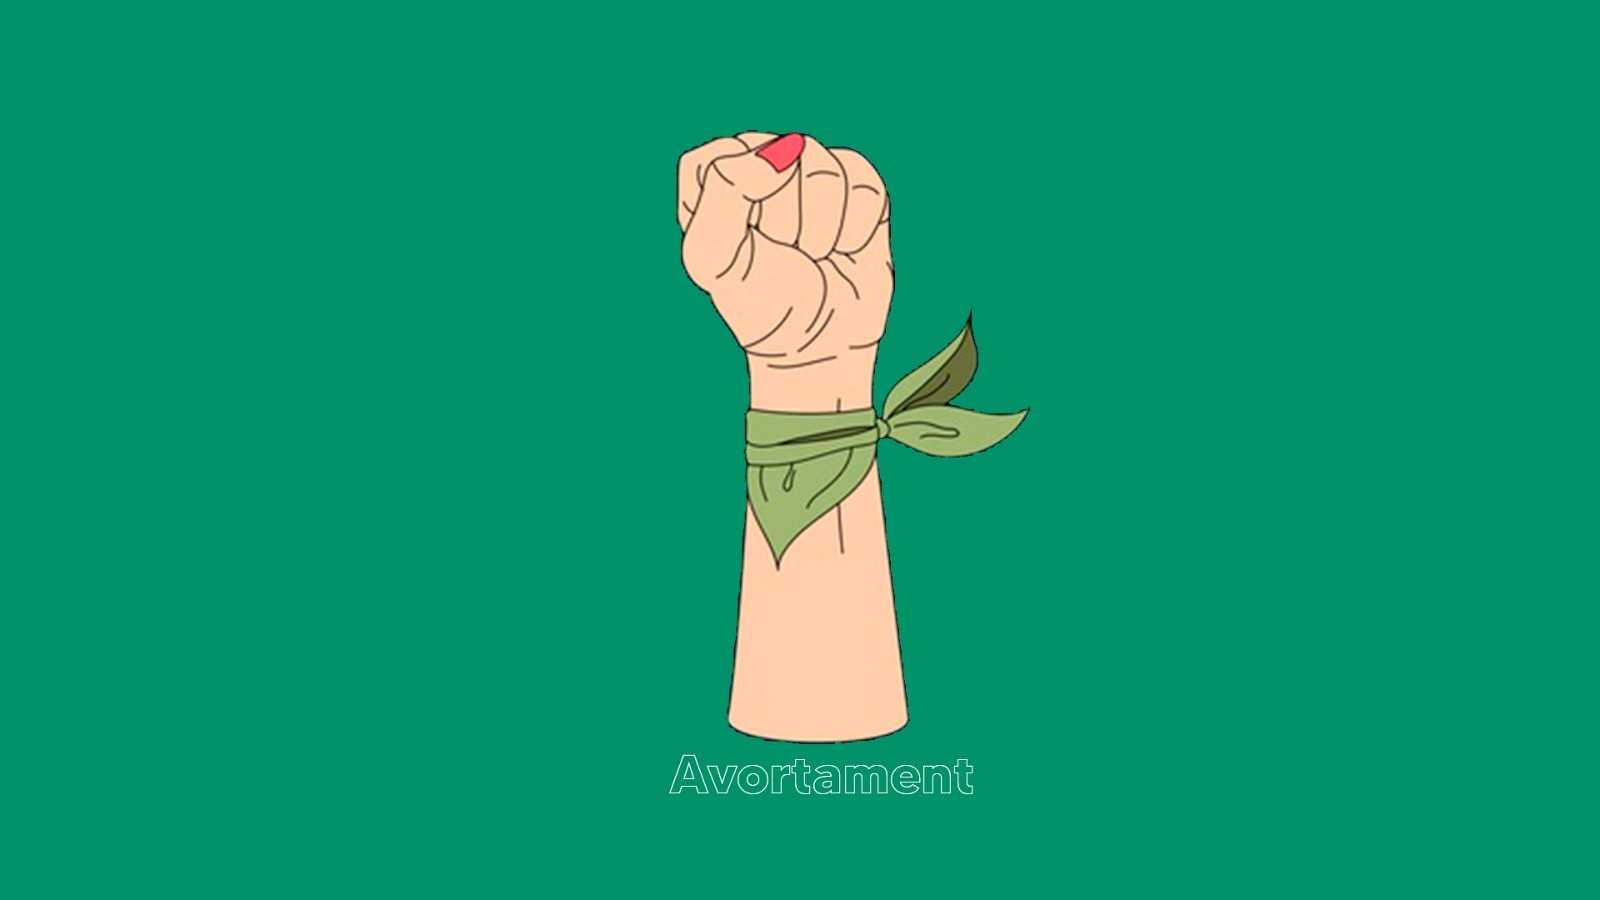 Onada Feminista - 30/05/20